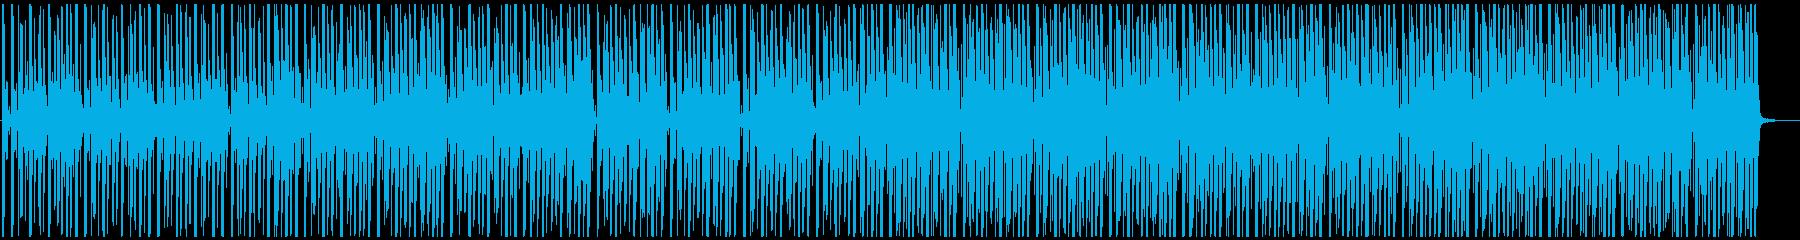 ゆったりトロピカルな4つ打ちの再生済みの波形